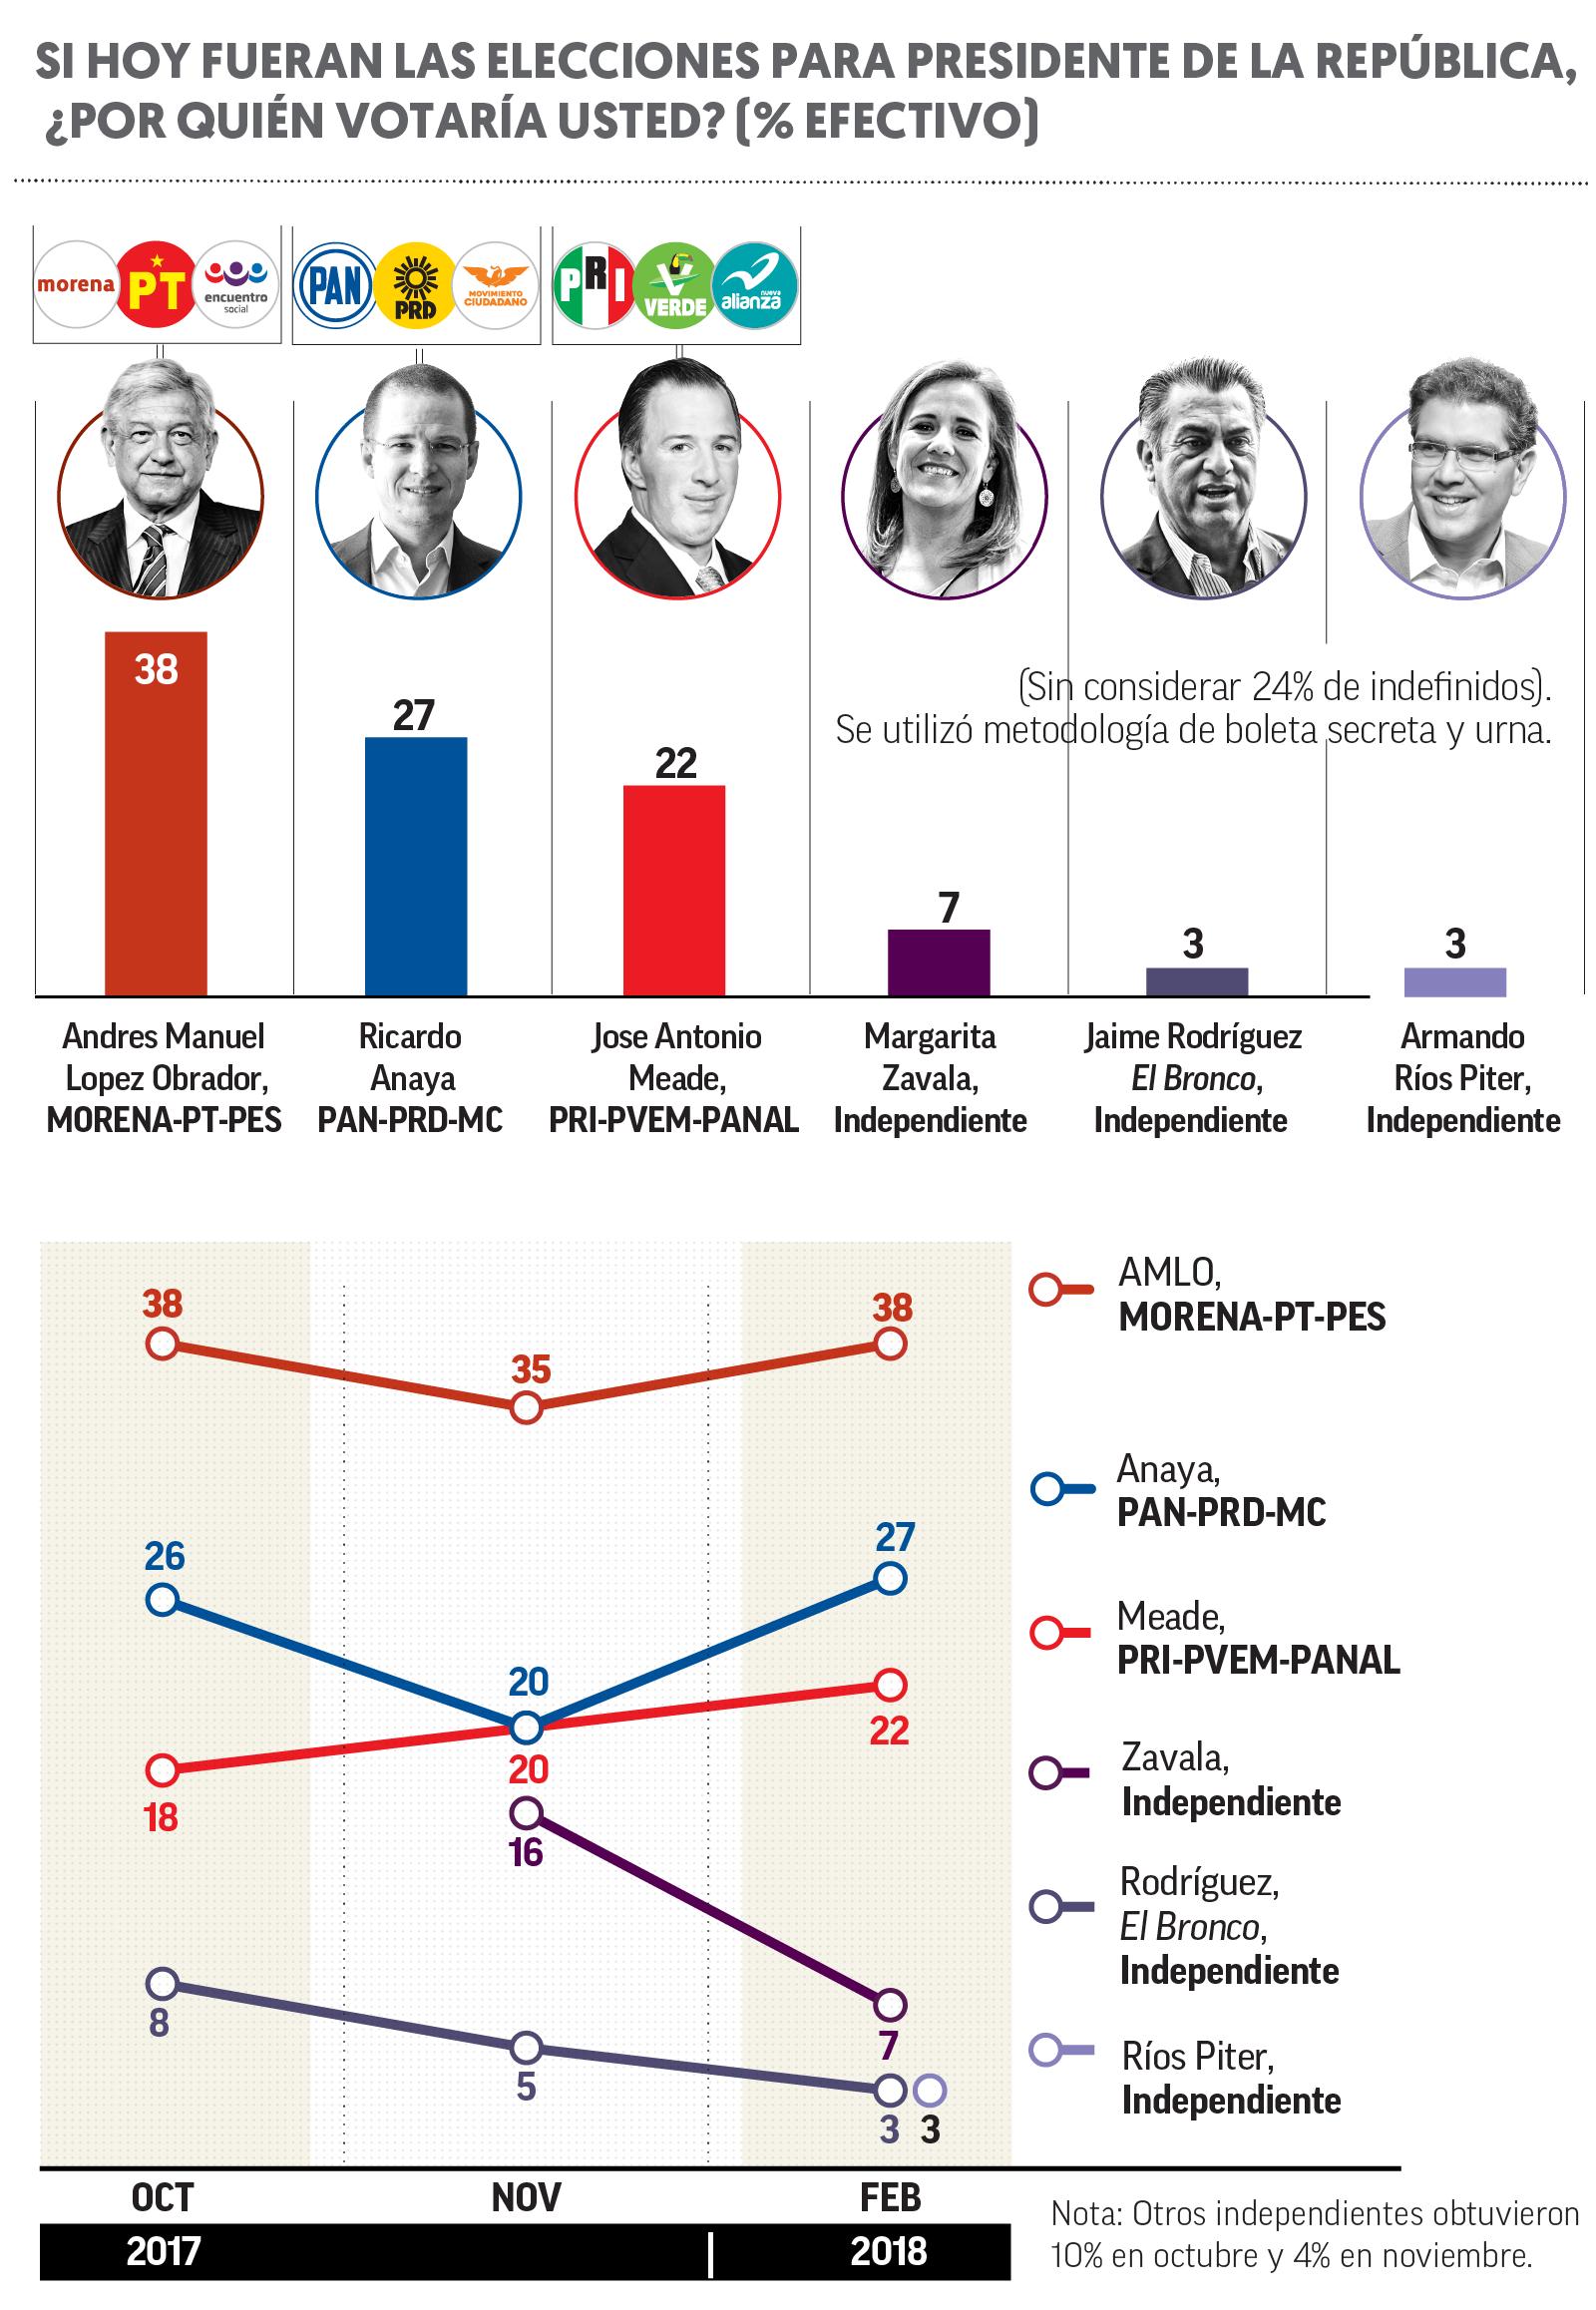 Encuesta de preferencias electorales de El Financiero. Publicación: 6 de febrero de 2018